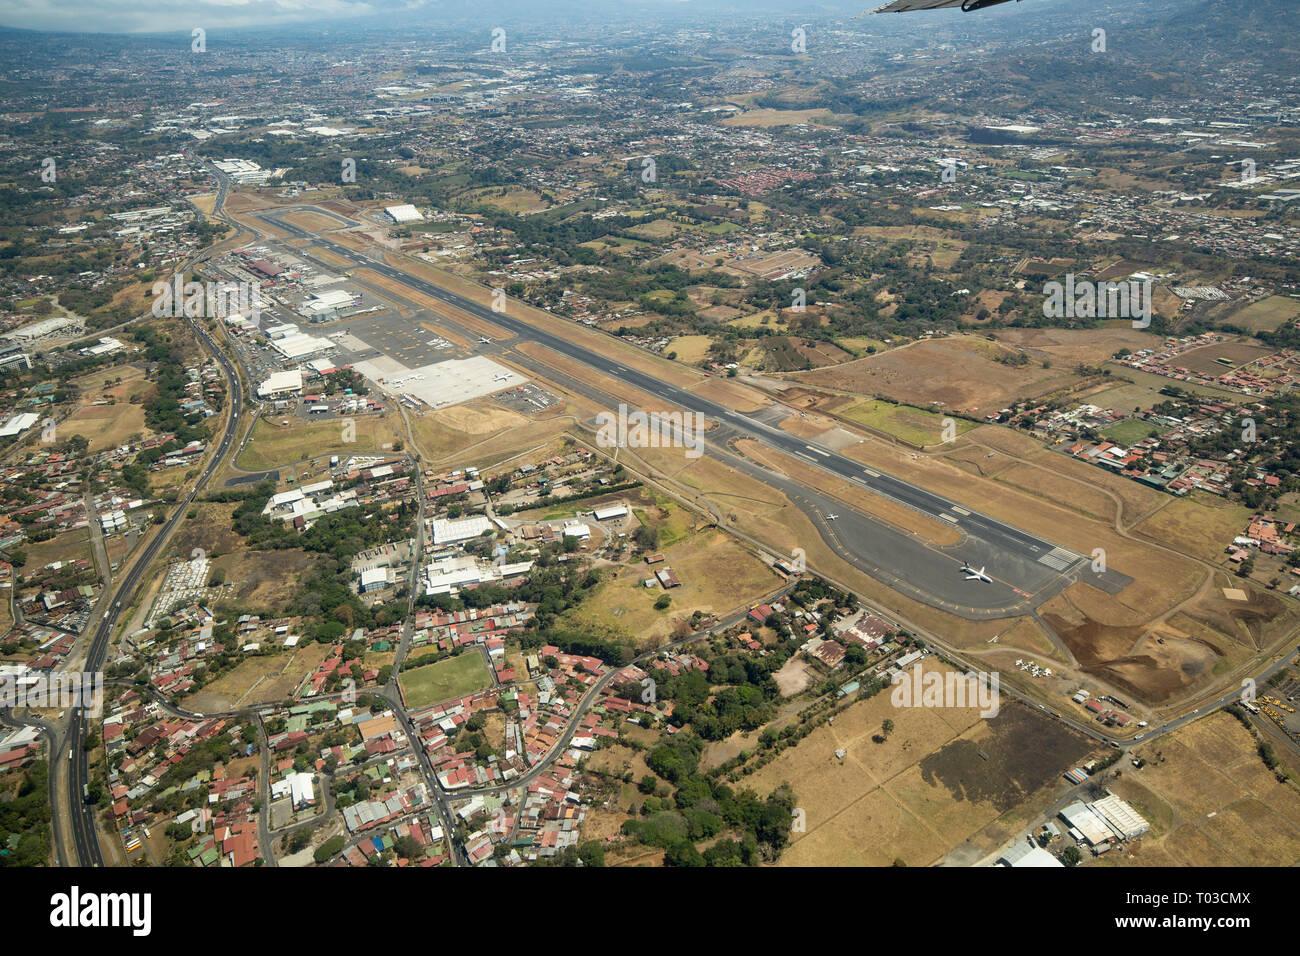 Costa Rica aeroporto di San Jose. Immagini Stock